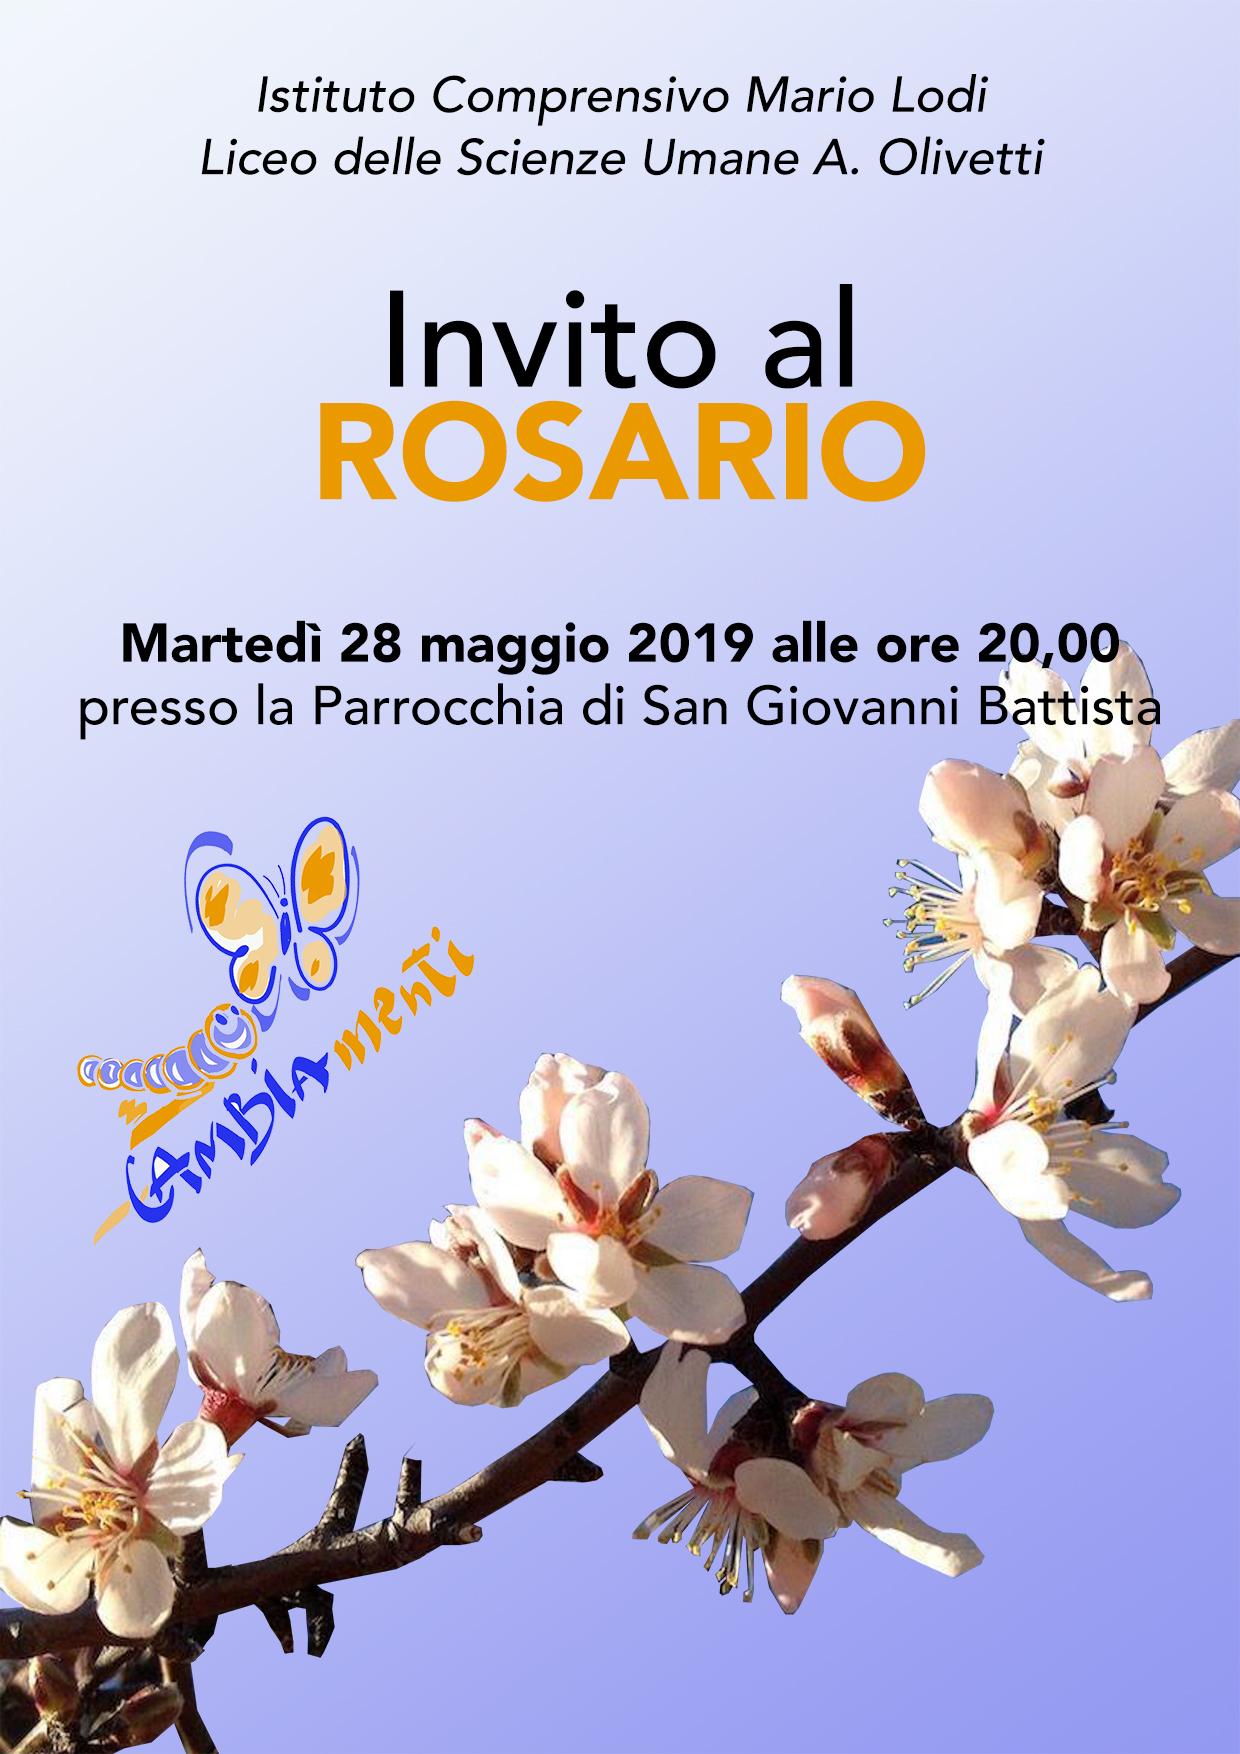 Invito al Rosario di martedì 28 maggio 2019